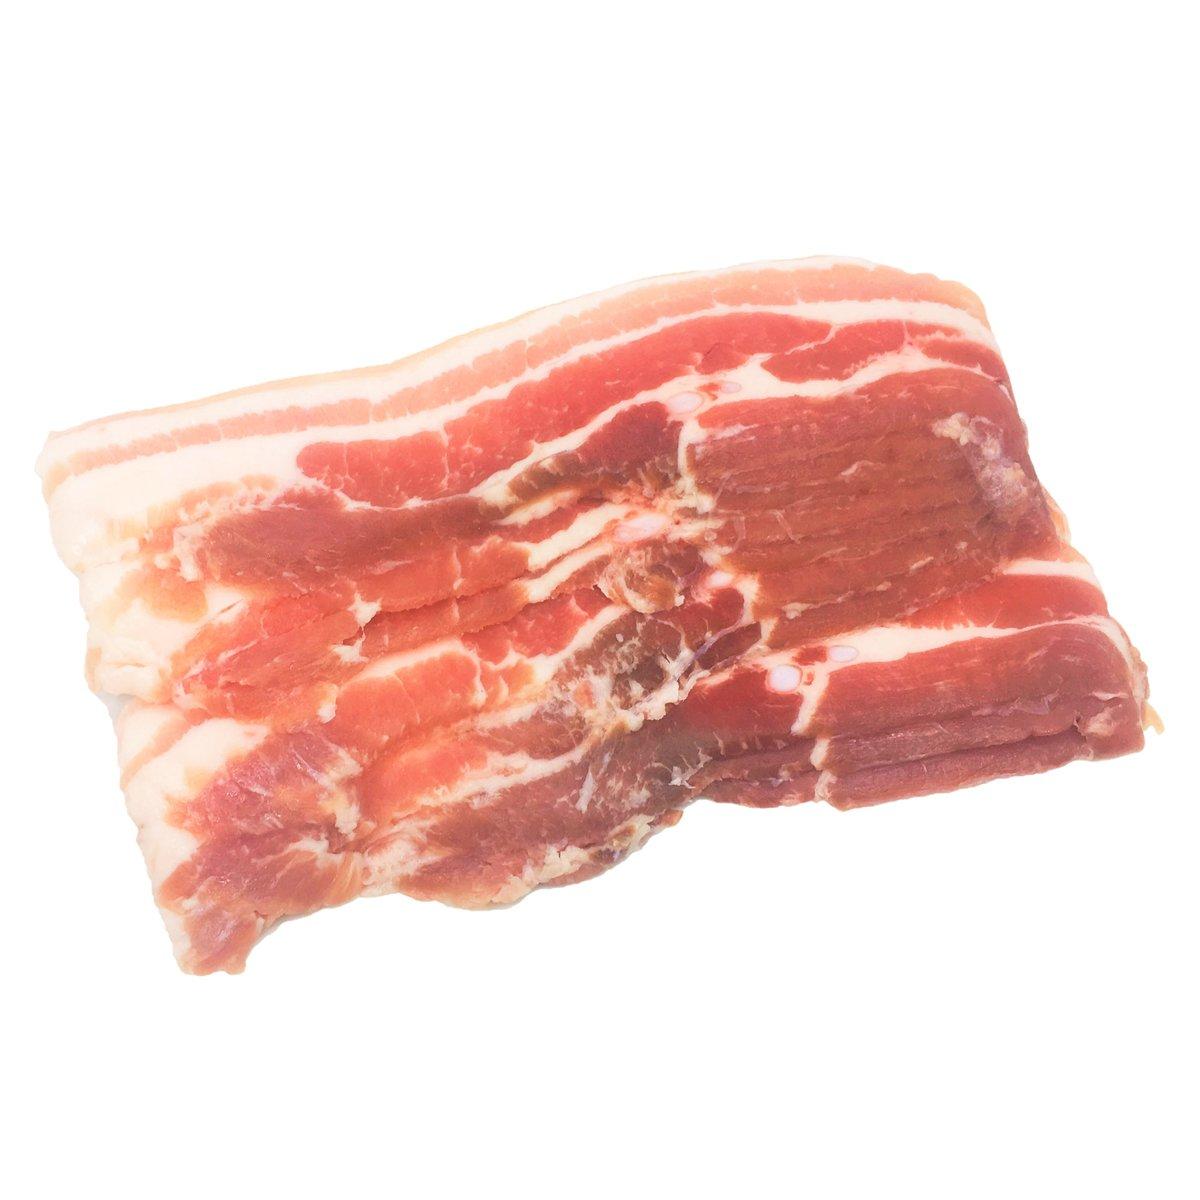 西班牙杜洛豬腩片 (200G) (急凍)